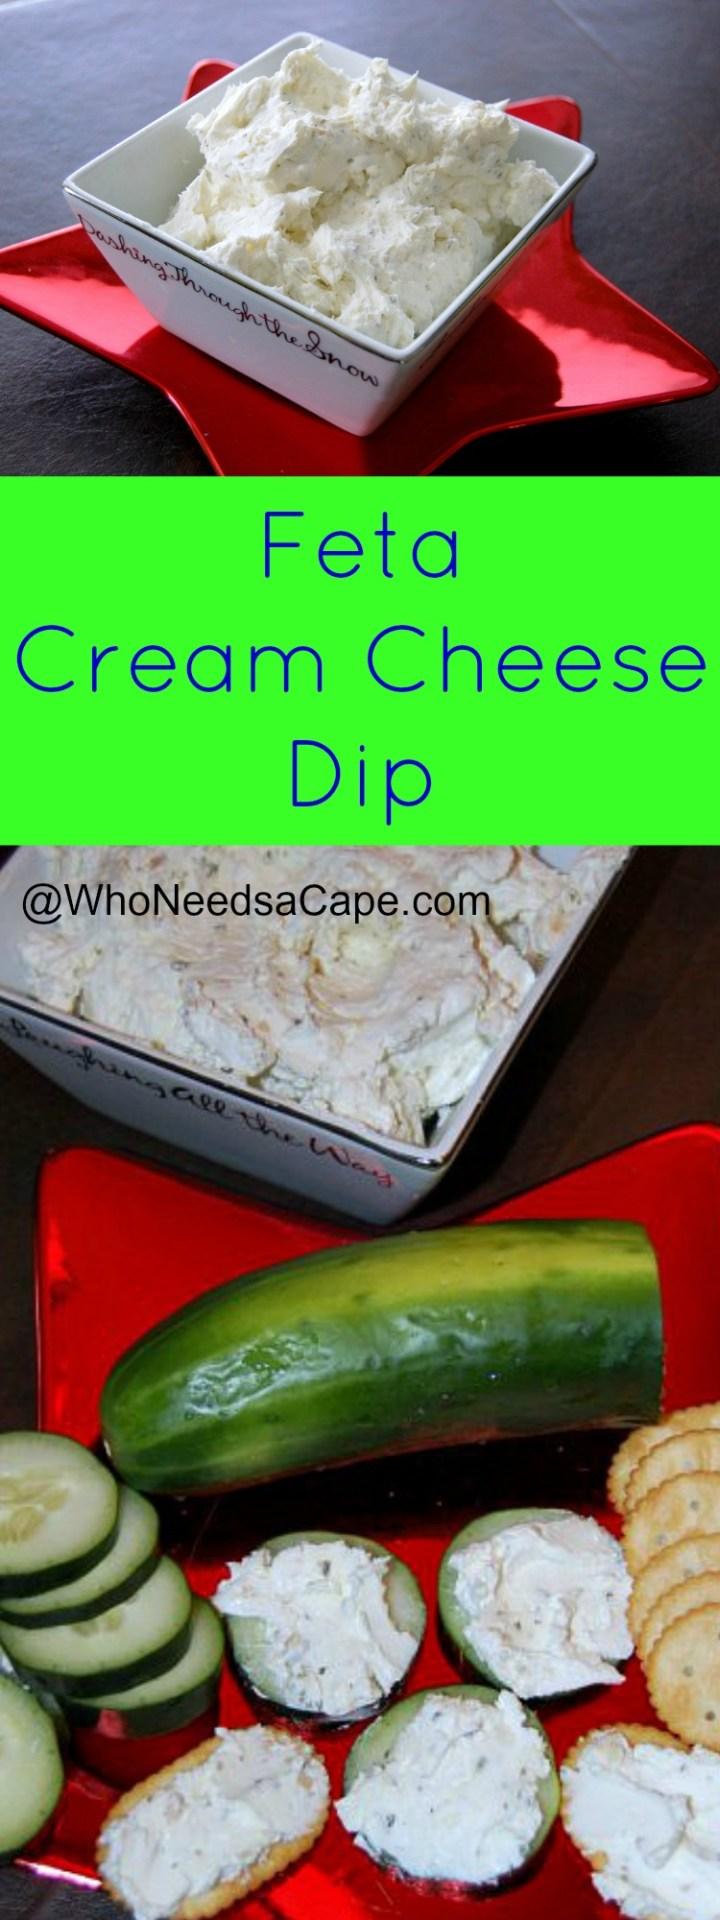 Feta Cream Cheese Dip